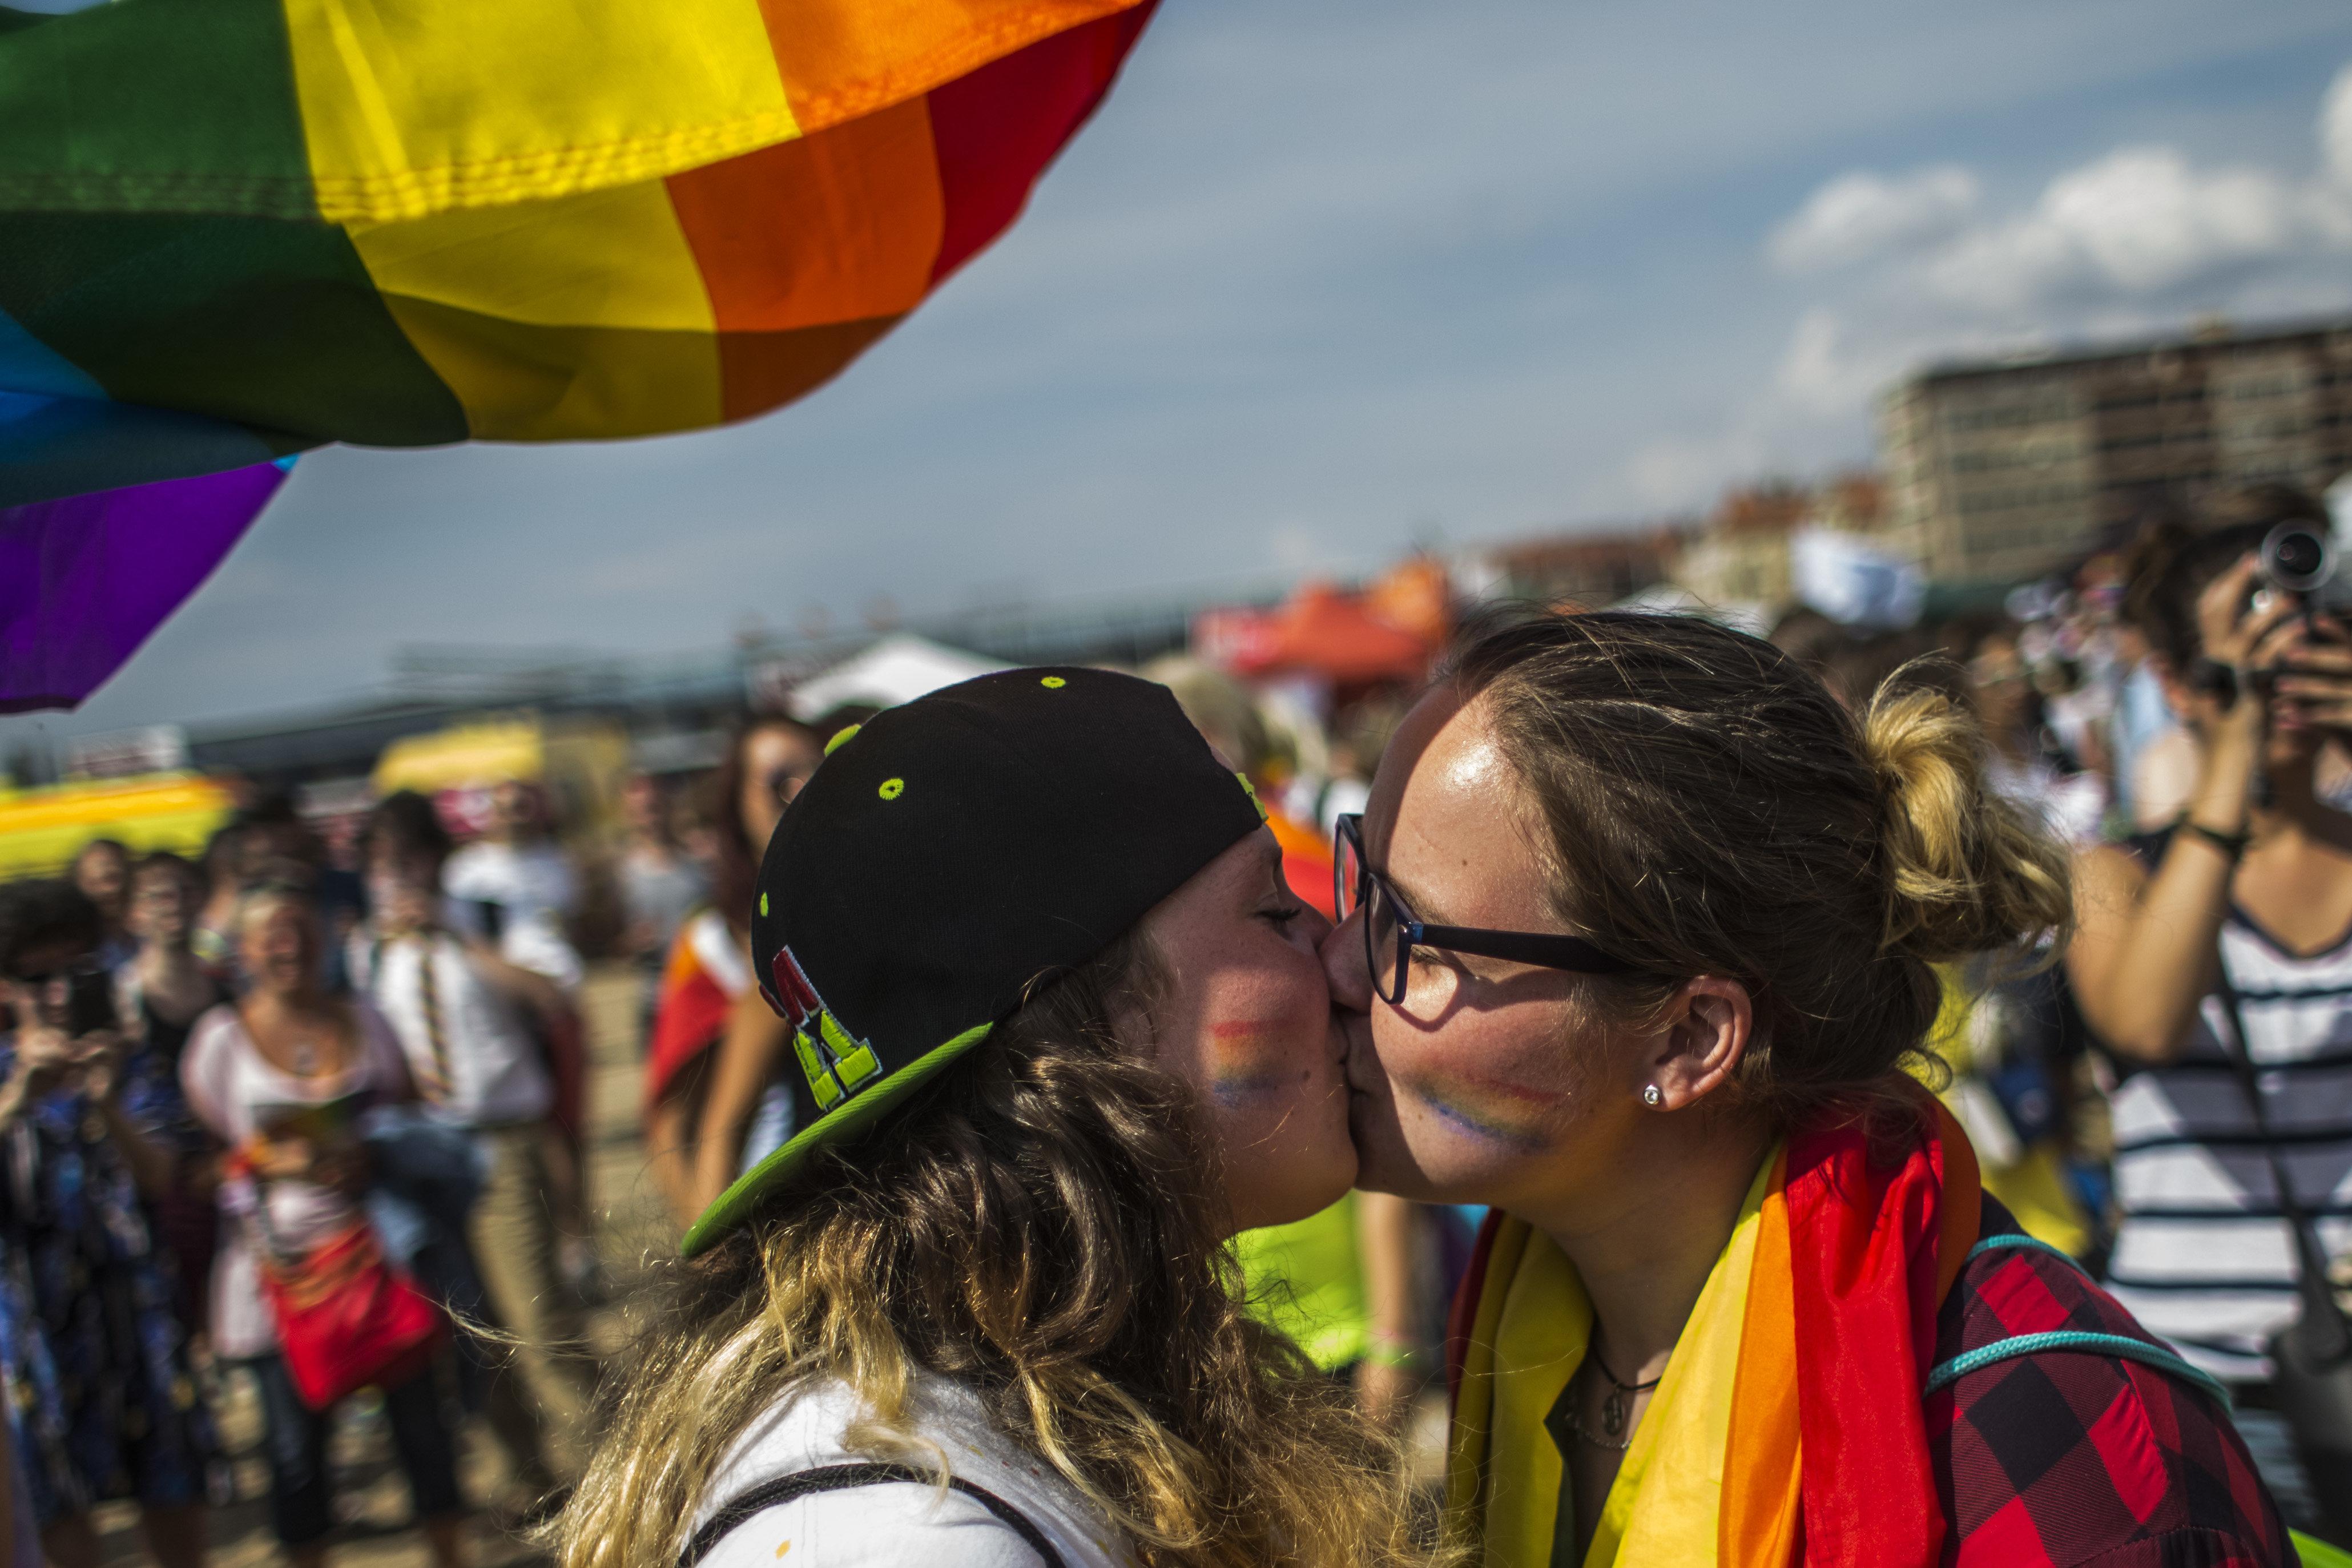 체코가 EU의 전 공산주의 국가 중 최초로 동성 결혼을 허용하는 곳이 될 수도